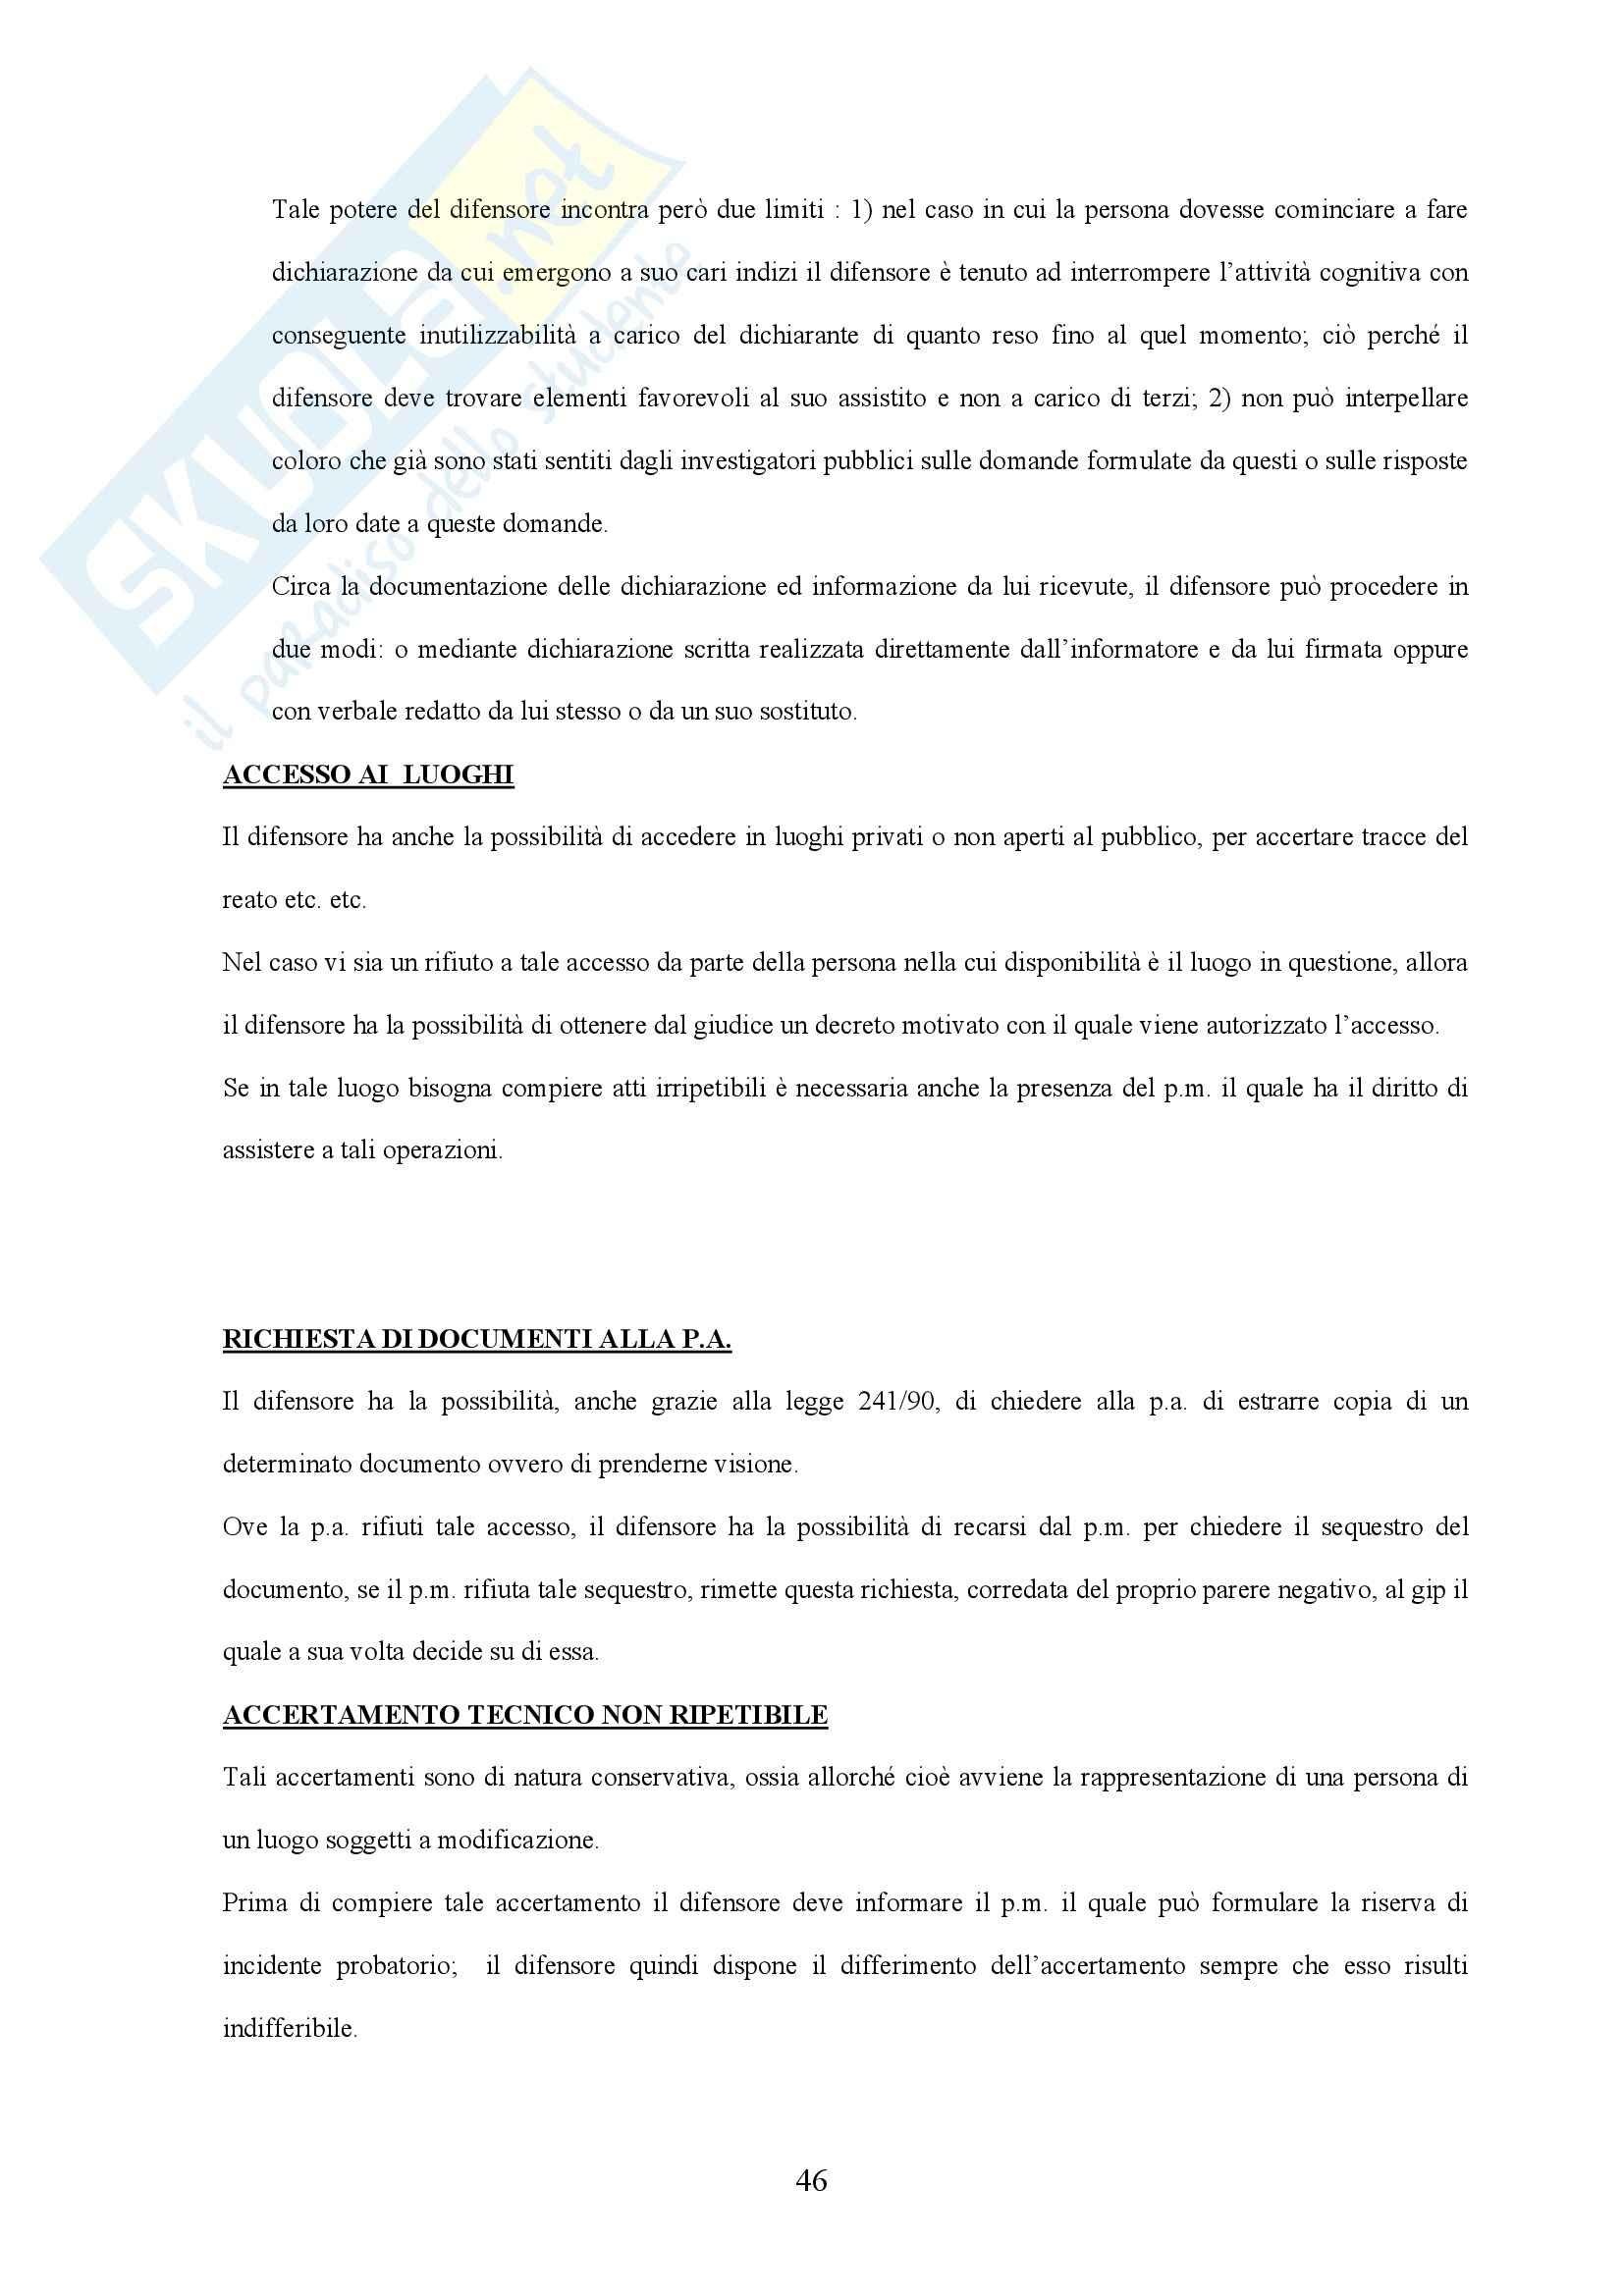 Diritto processuale penale - Corso completo Pag. 46